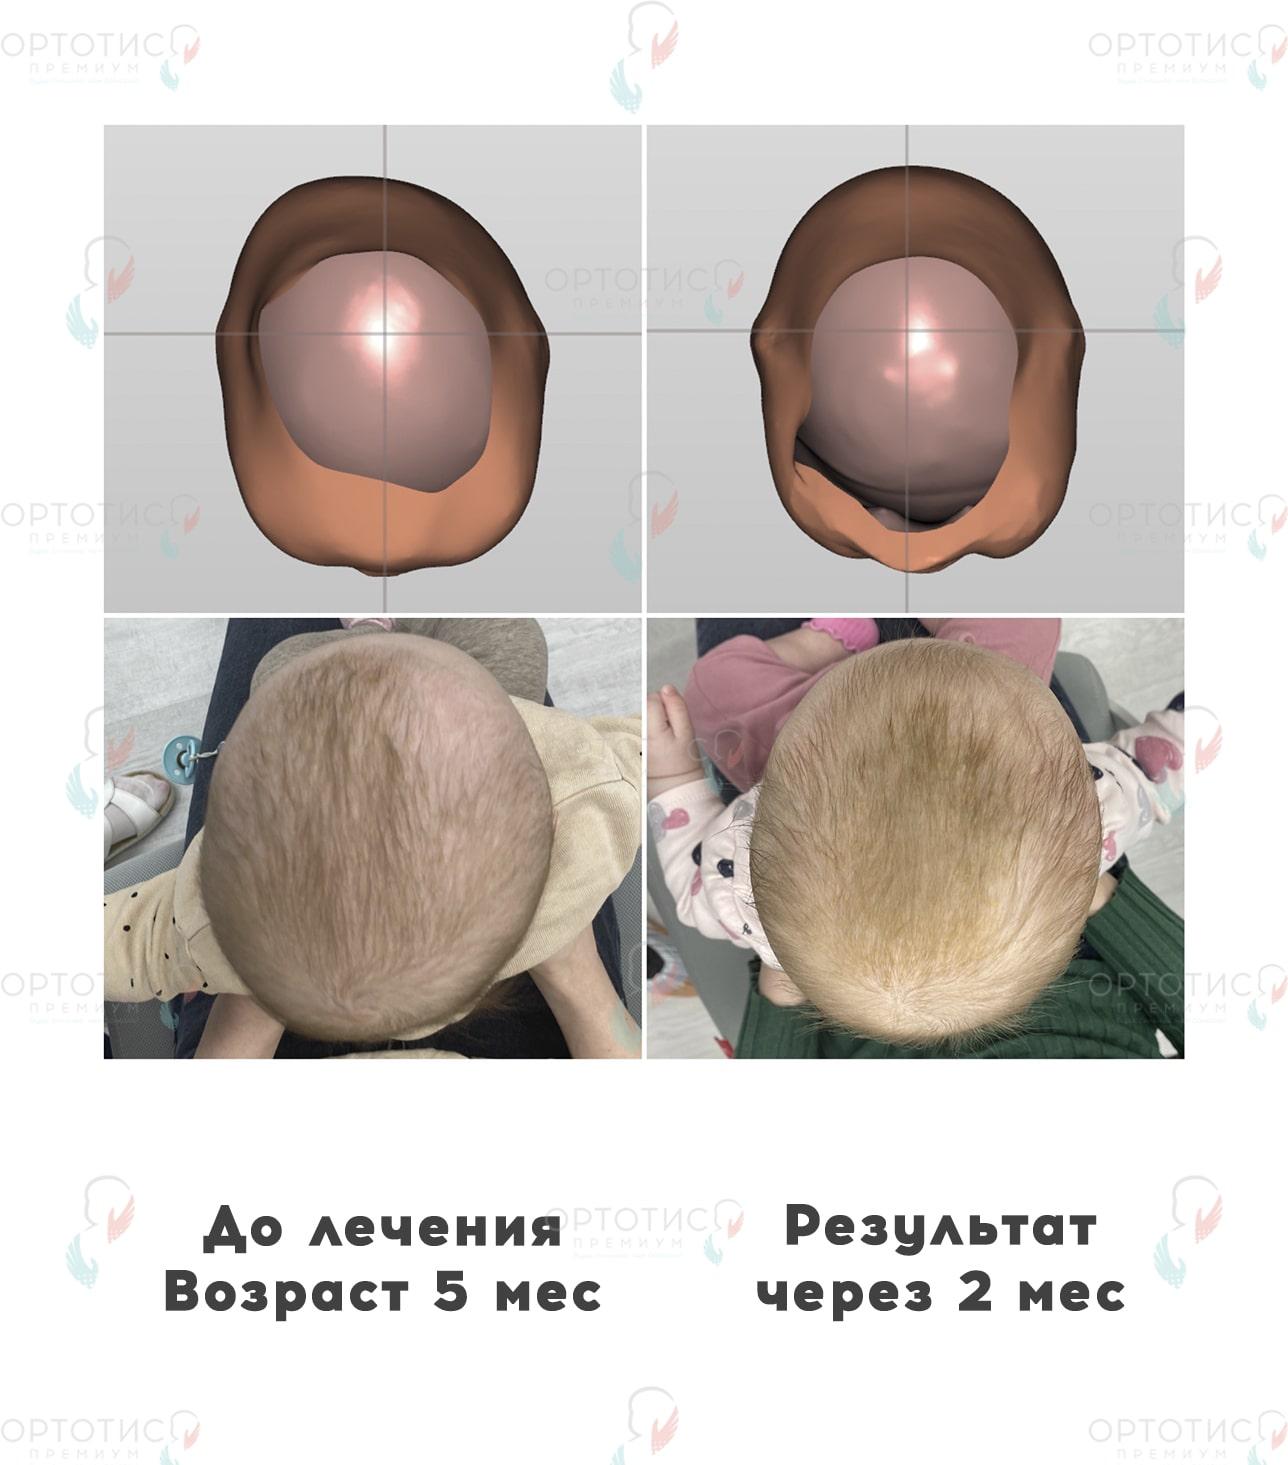 Плагиоцефалия, 2 месяца - Ортотис Премиум